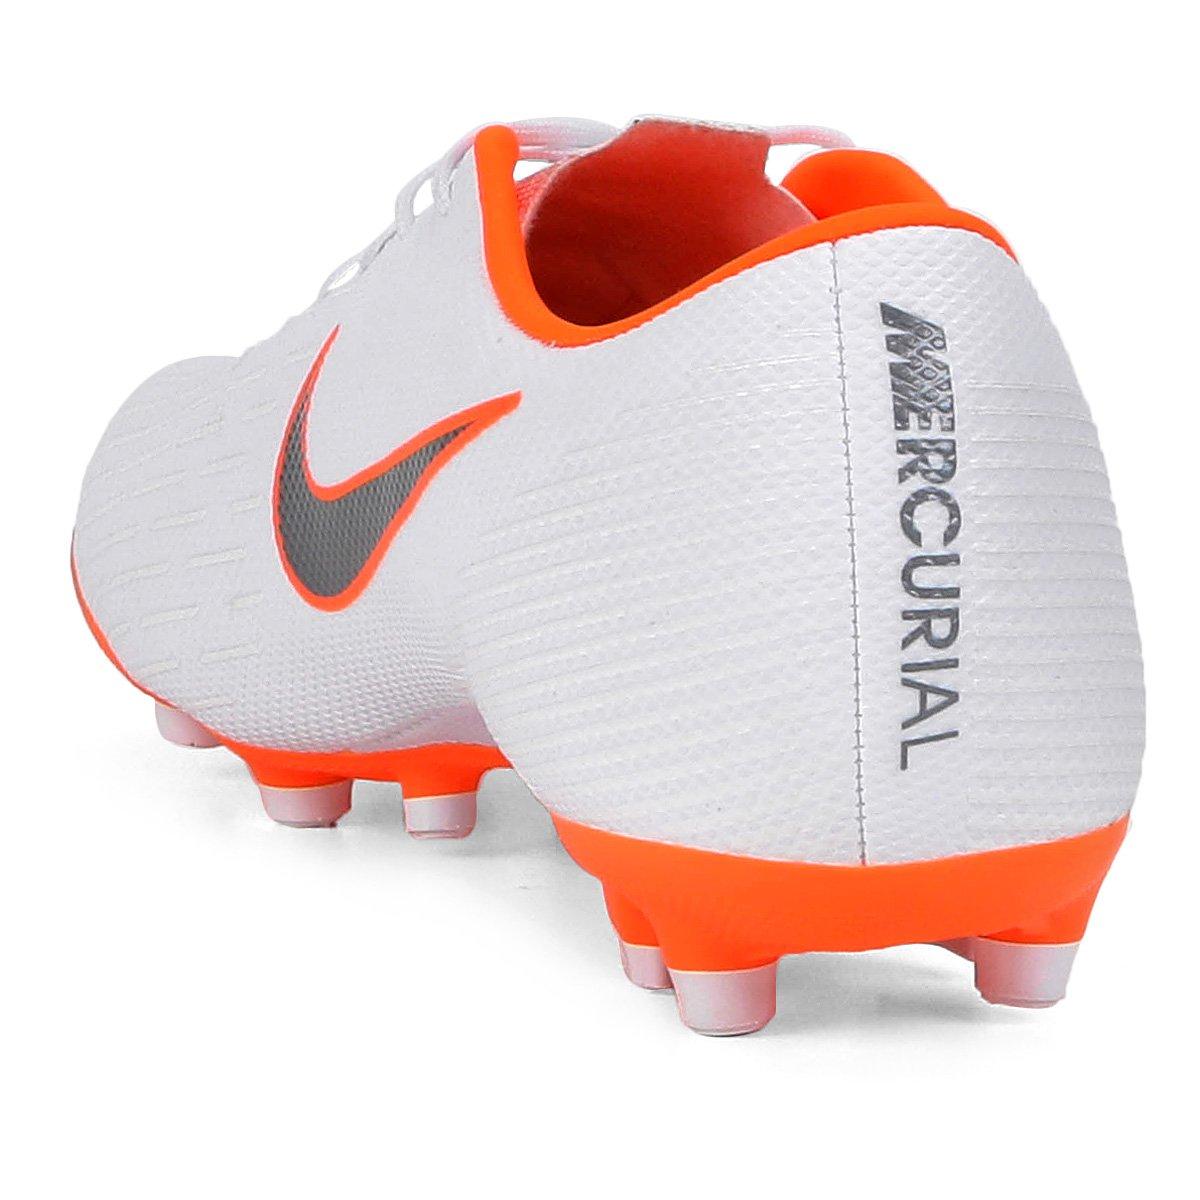 Chuteira Campo Nike Mercurial Vapor 12 Academy - Branco e Cinza ... bd7f0ef4fbe46